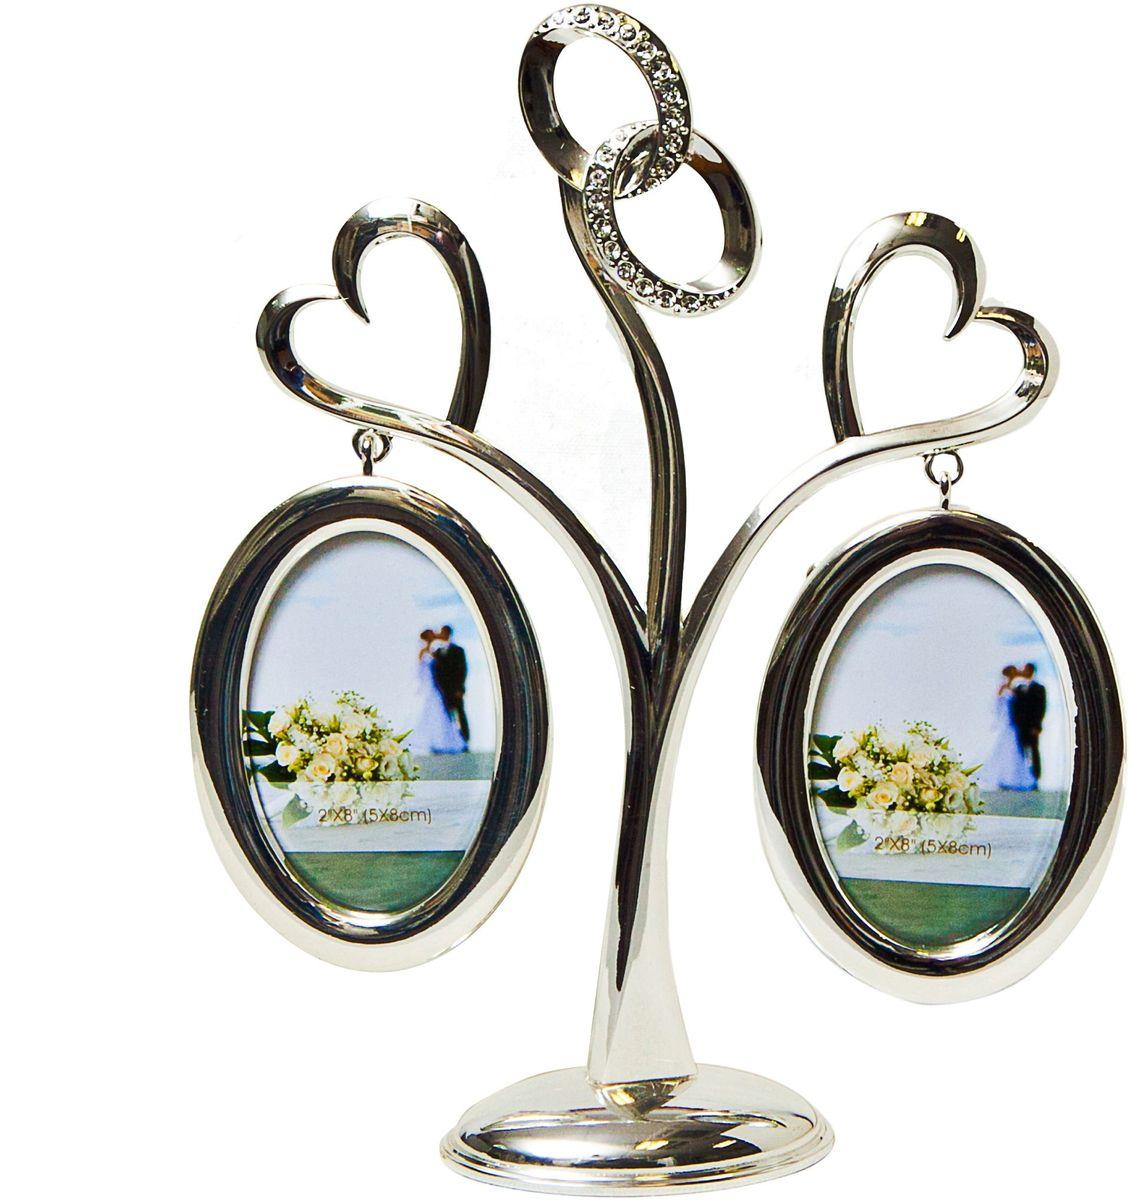 Фоторамка декоративная Platinum Дерево. Сердца с кольцами, на 2 фото, высота 20,5 см. PF10021A2 фоторамки на дереве PF10021AРодословное дерево в виде сердец с обручальными кольцами, с фото 5x8 см.